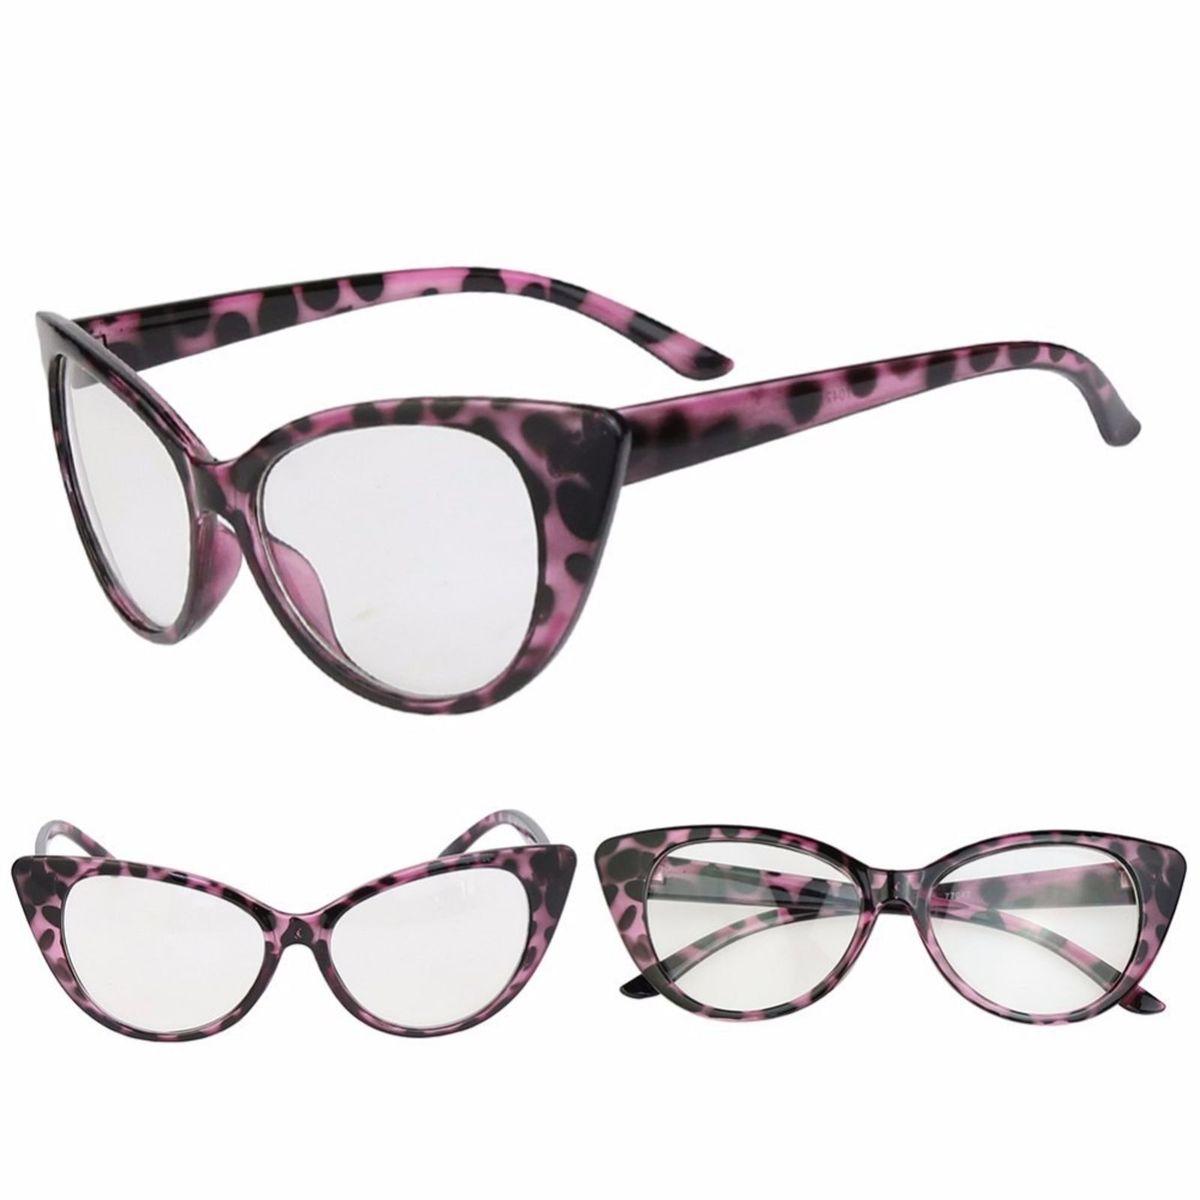 8590dc485 Armação Óculos de Grau - Gatinho Cat Retrô Wayfarer Fashion | Óculos  Feminino Nunca Usado 16417965 | enjoei